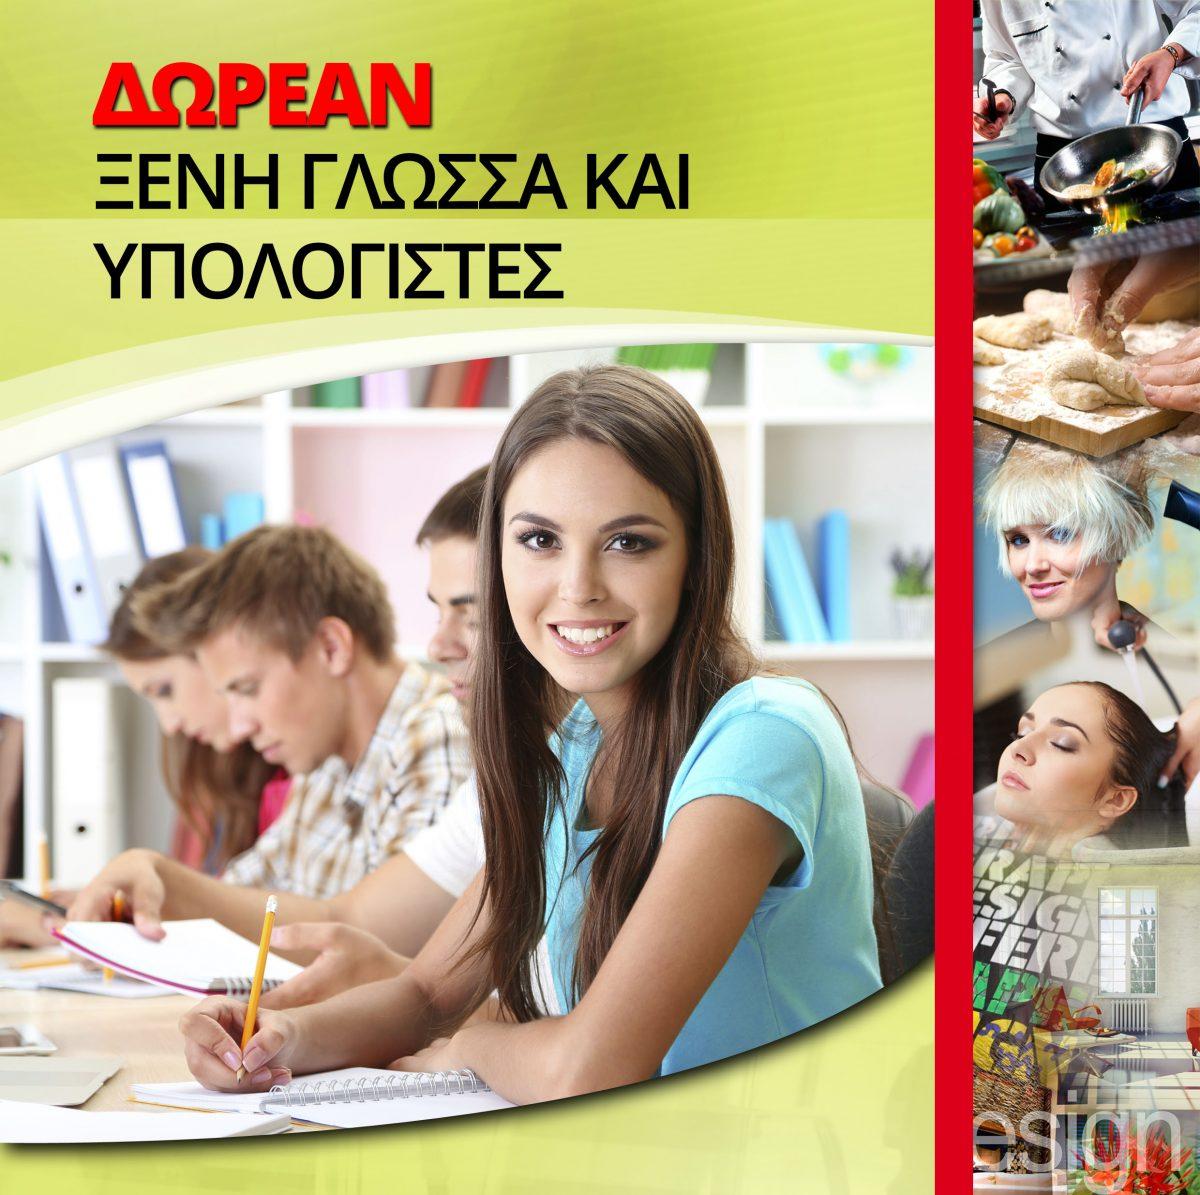 Σπούδασε στο MILLENNIUM Education Centre και μάθε ΔΩΡΕΑΝ ξένη γλώσσα και υπολογιστές